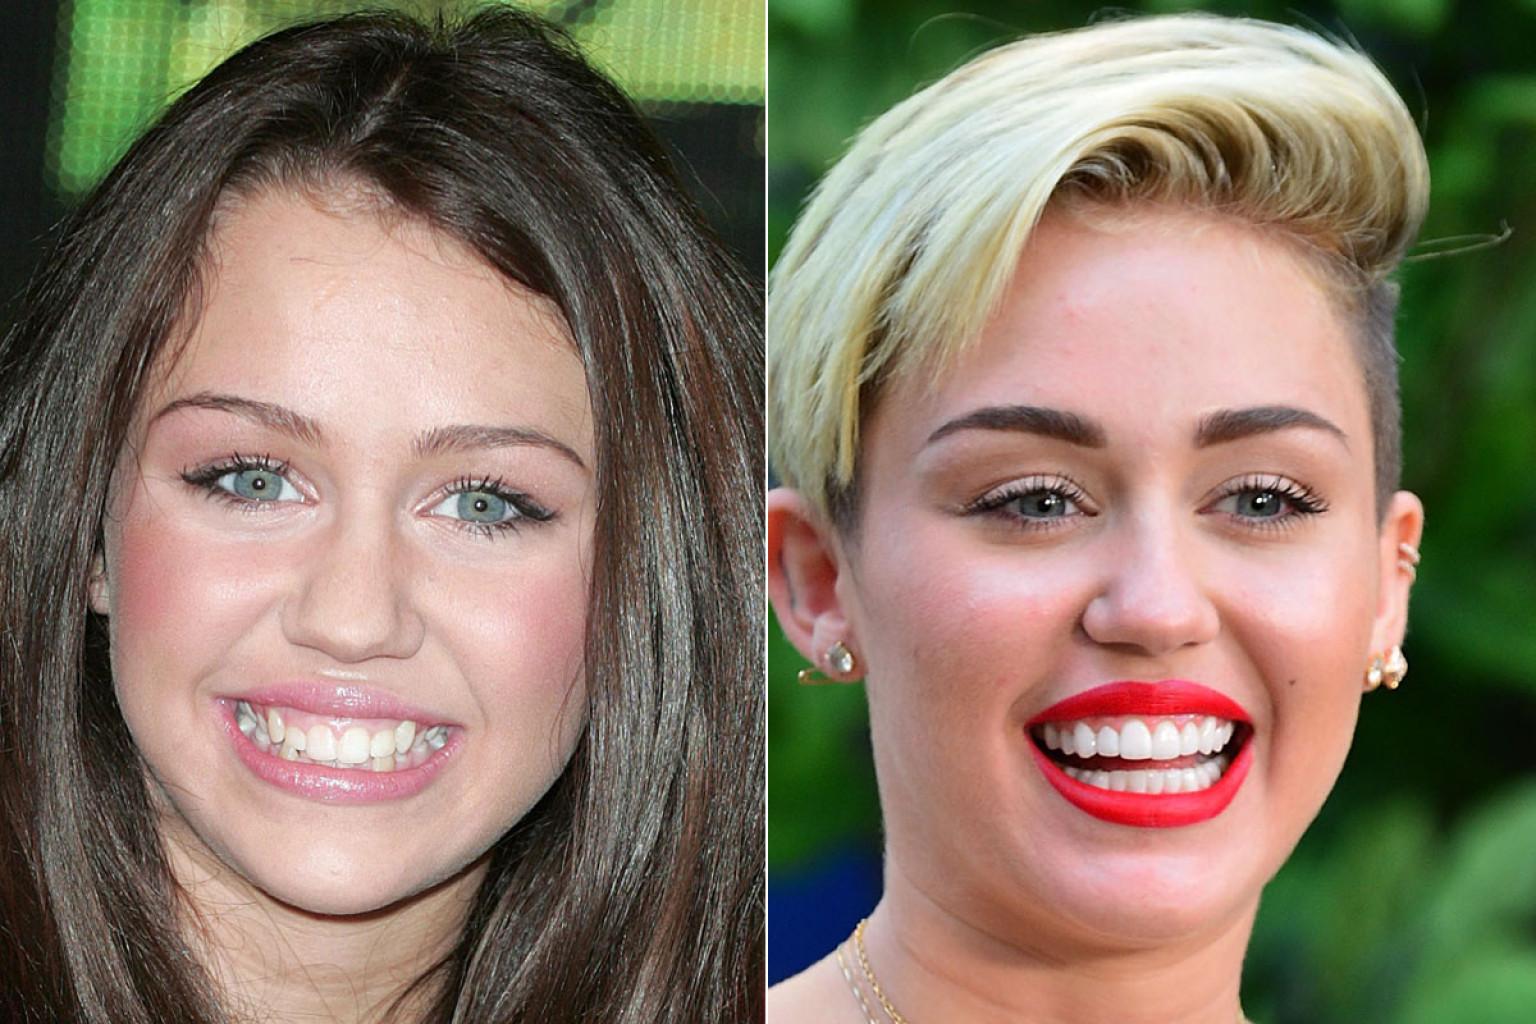 Verändern Sich Zähne? (Alter, Miley Cyrus, Erwachsen